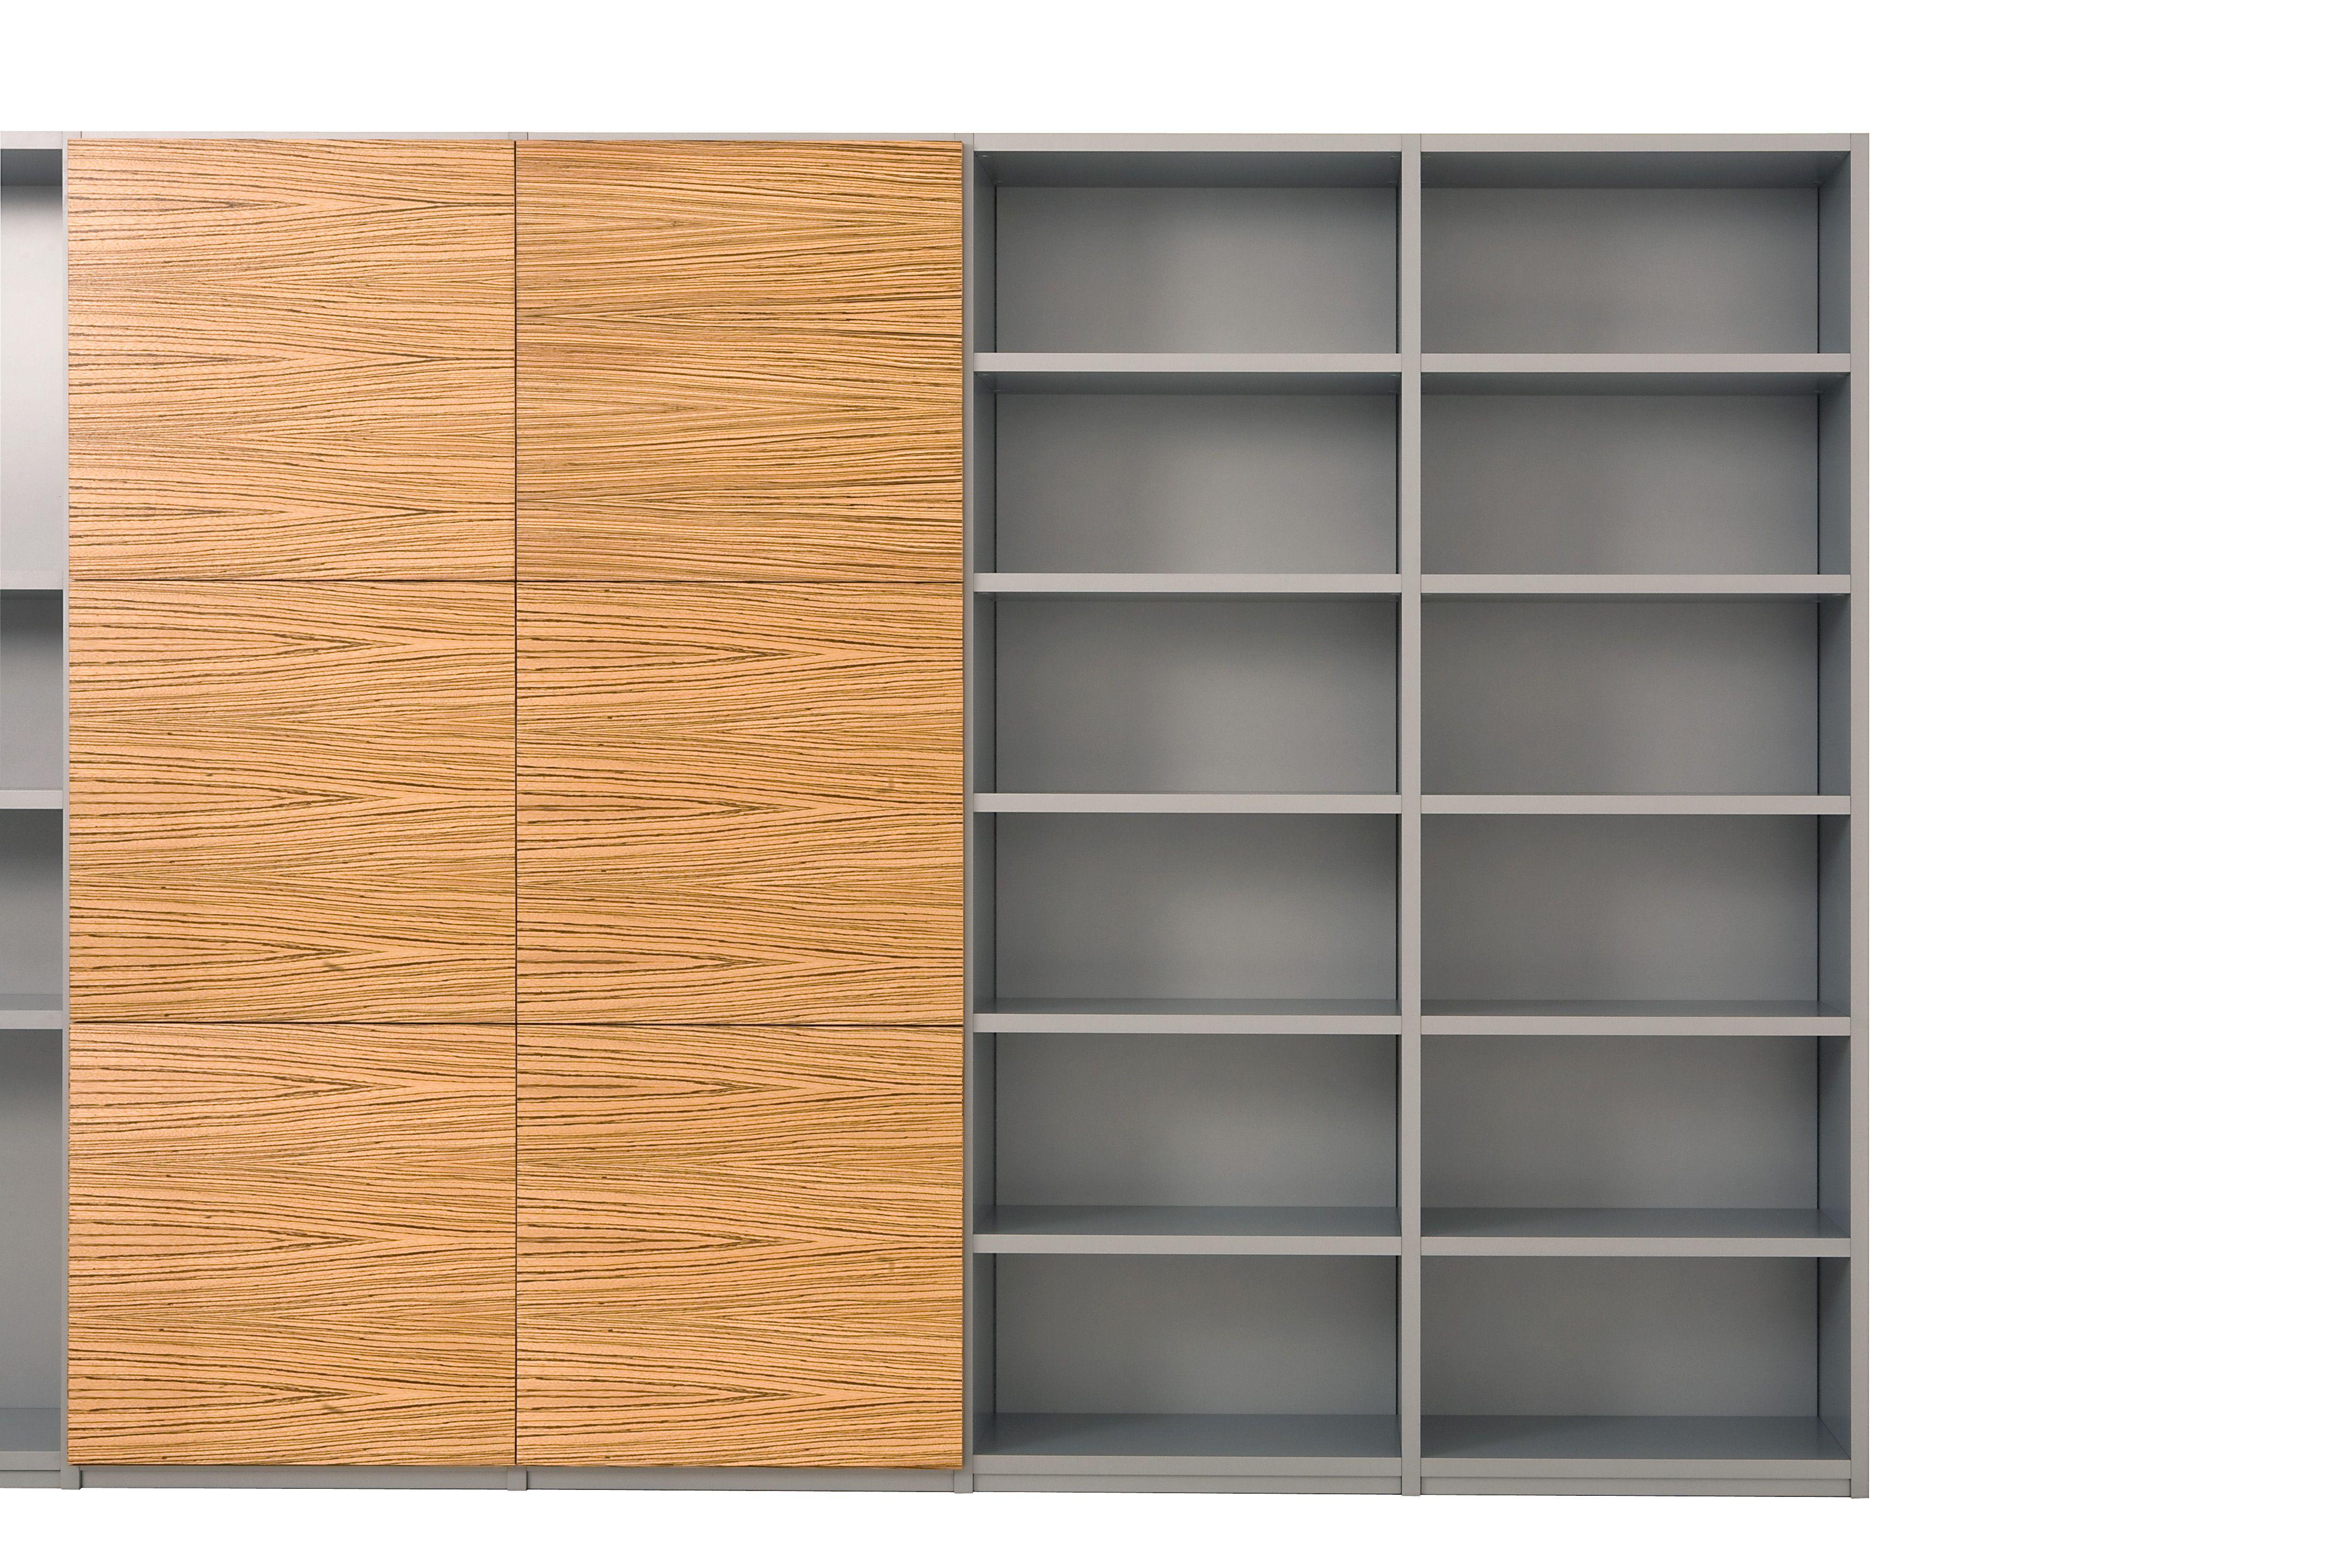 Xxxl container boekenkast met romp in aluminium kleurcoating